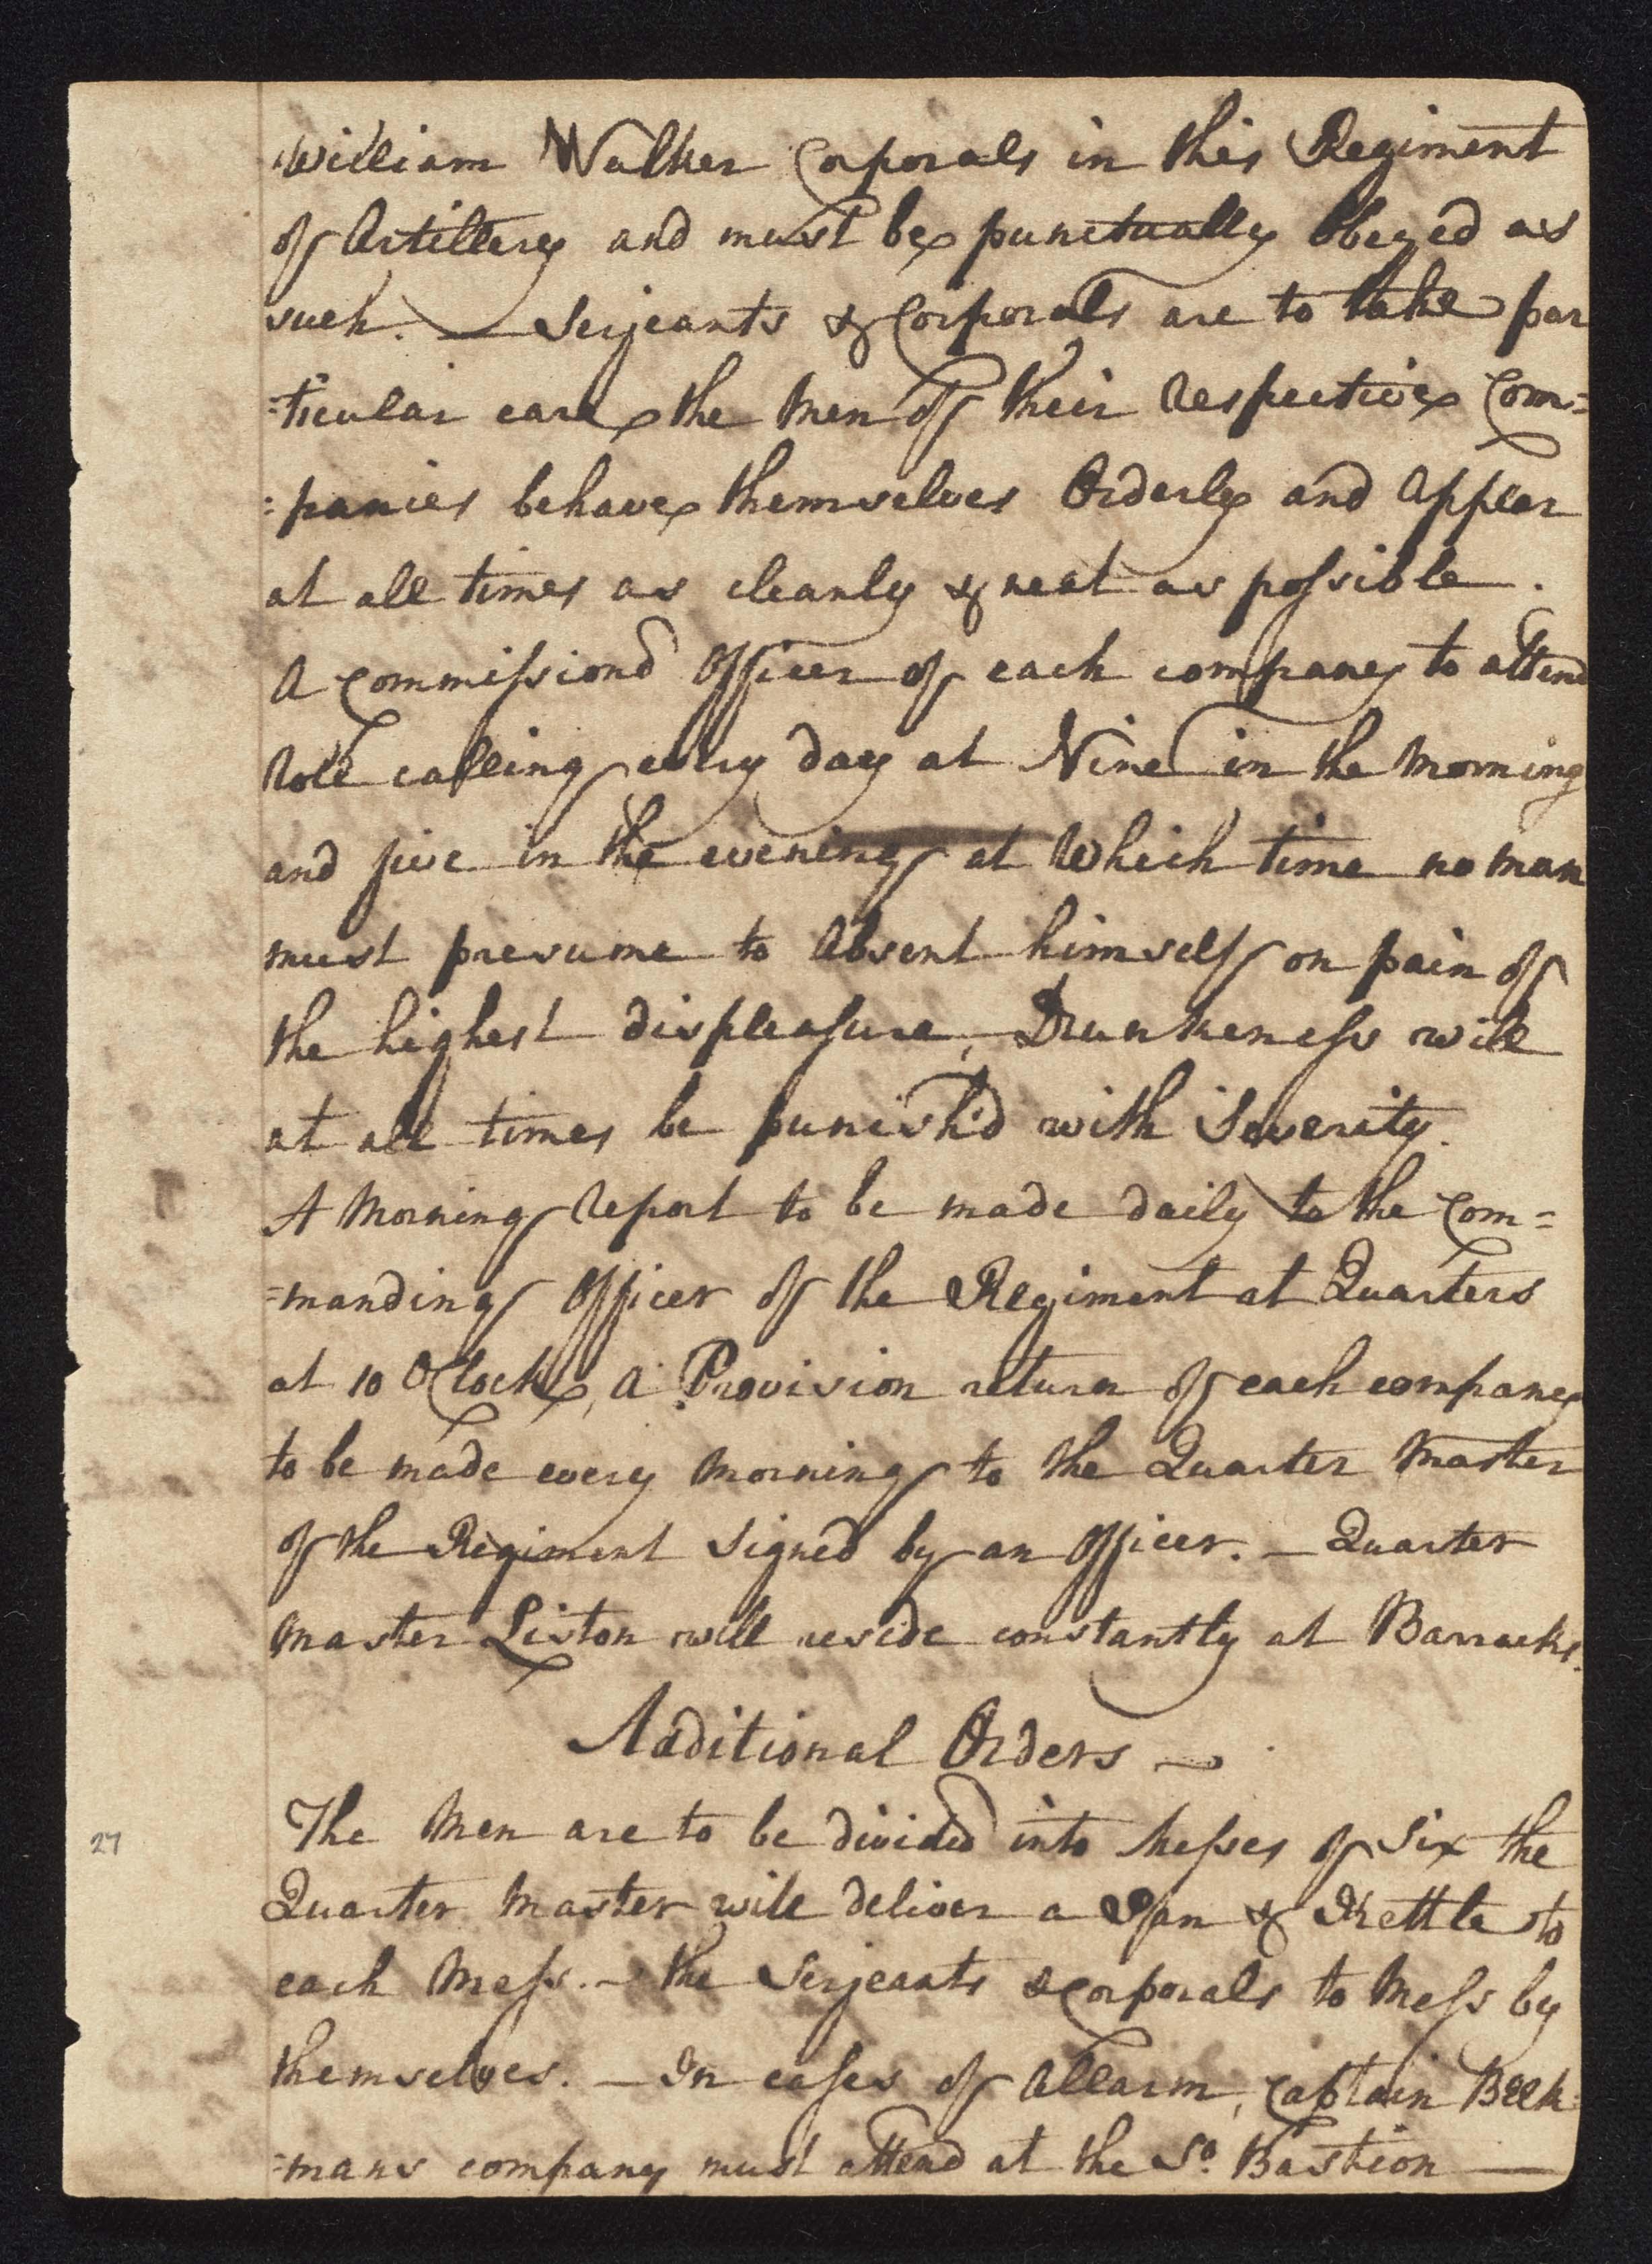 South Carolina Regiment Order Book, Page 53